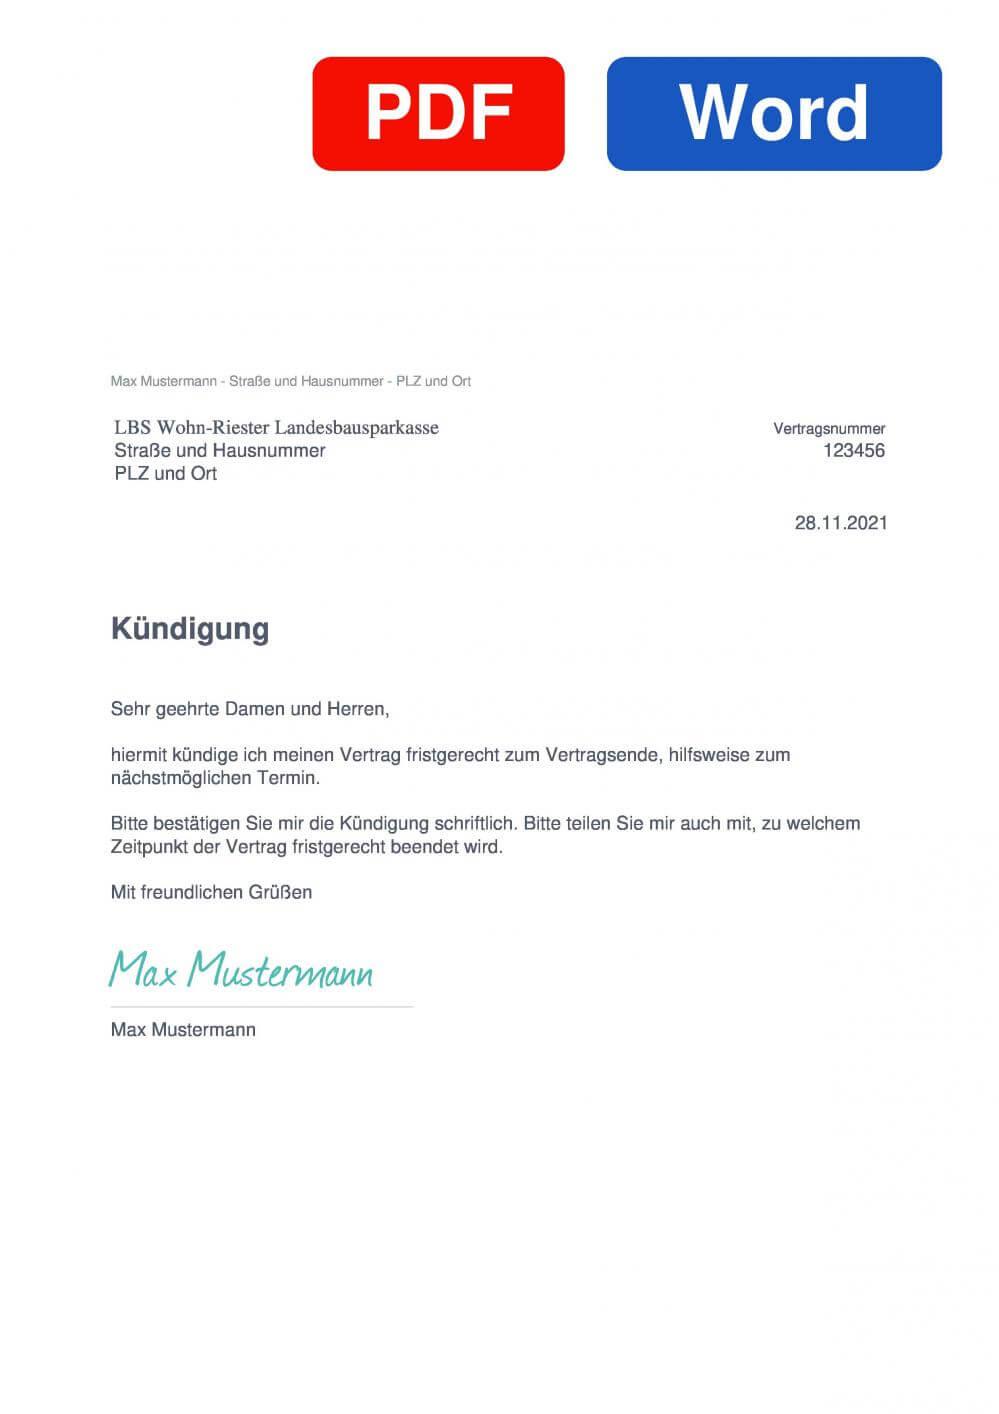 LBS Wohn-Riester Landesbausparkasse  Muster Vorlage für Kündigungsschreiben